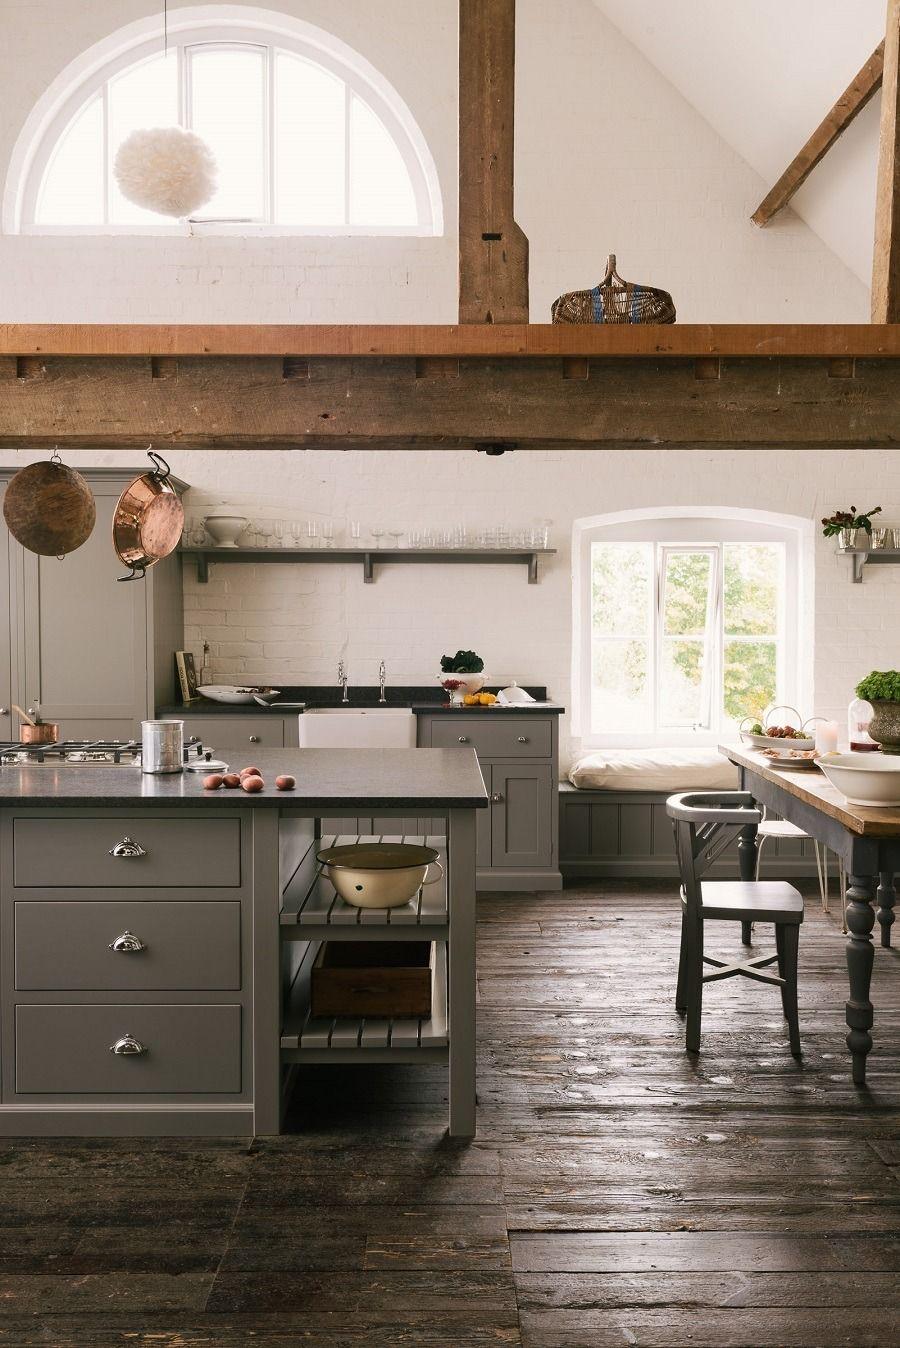 Küche ideen platz raum the loft kitchen by devol  kitchen decor design  pinterest  haus